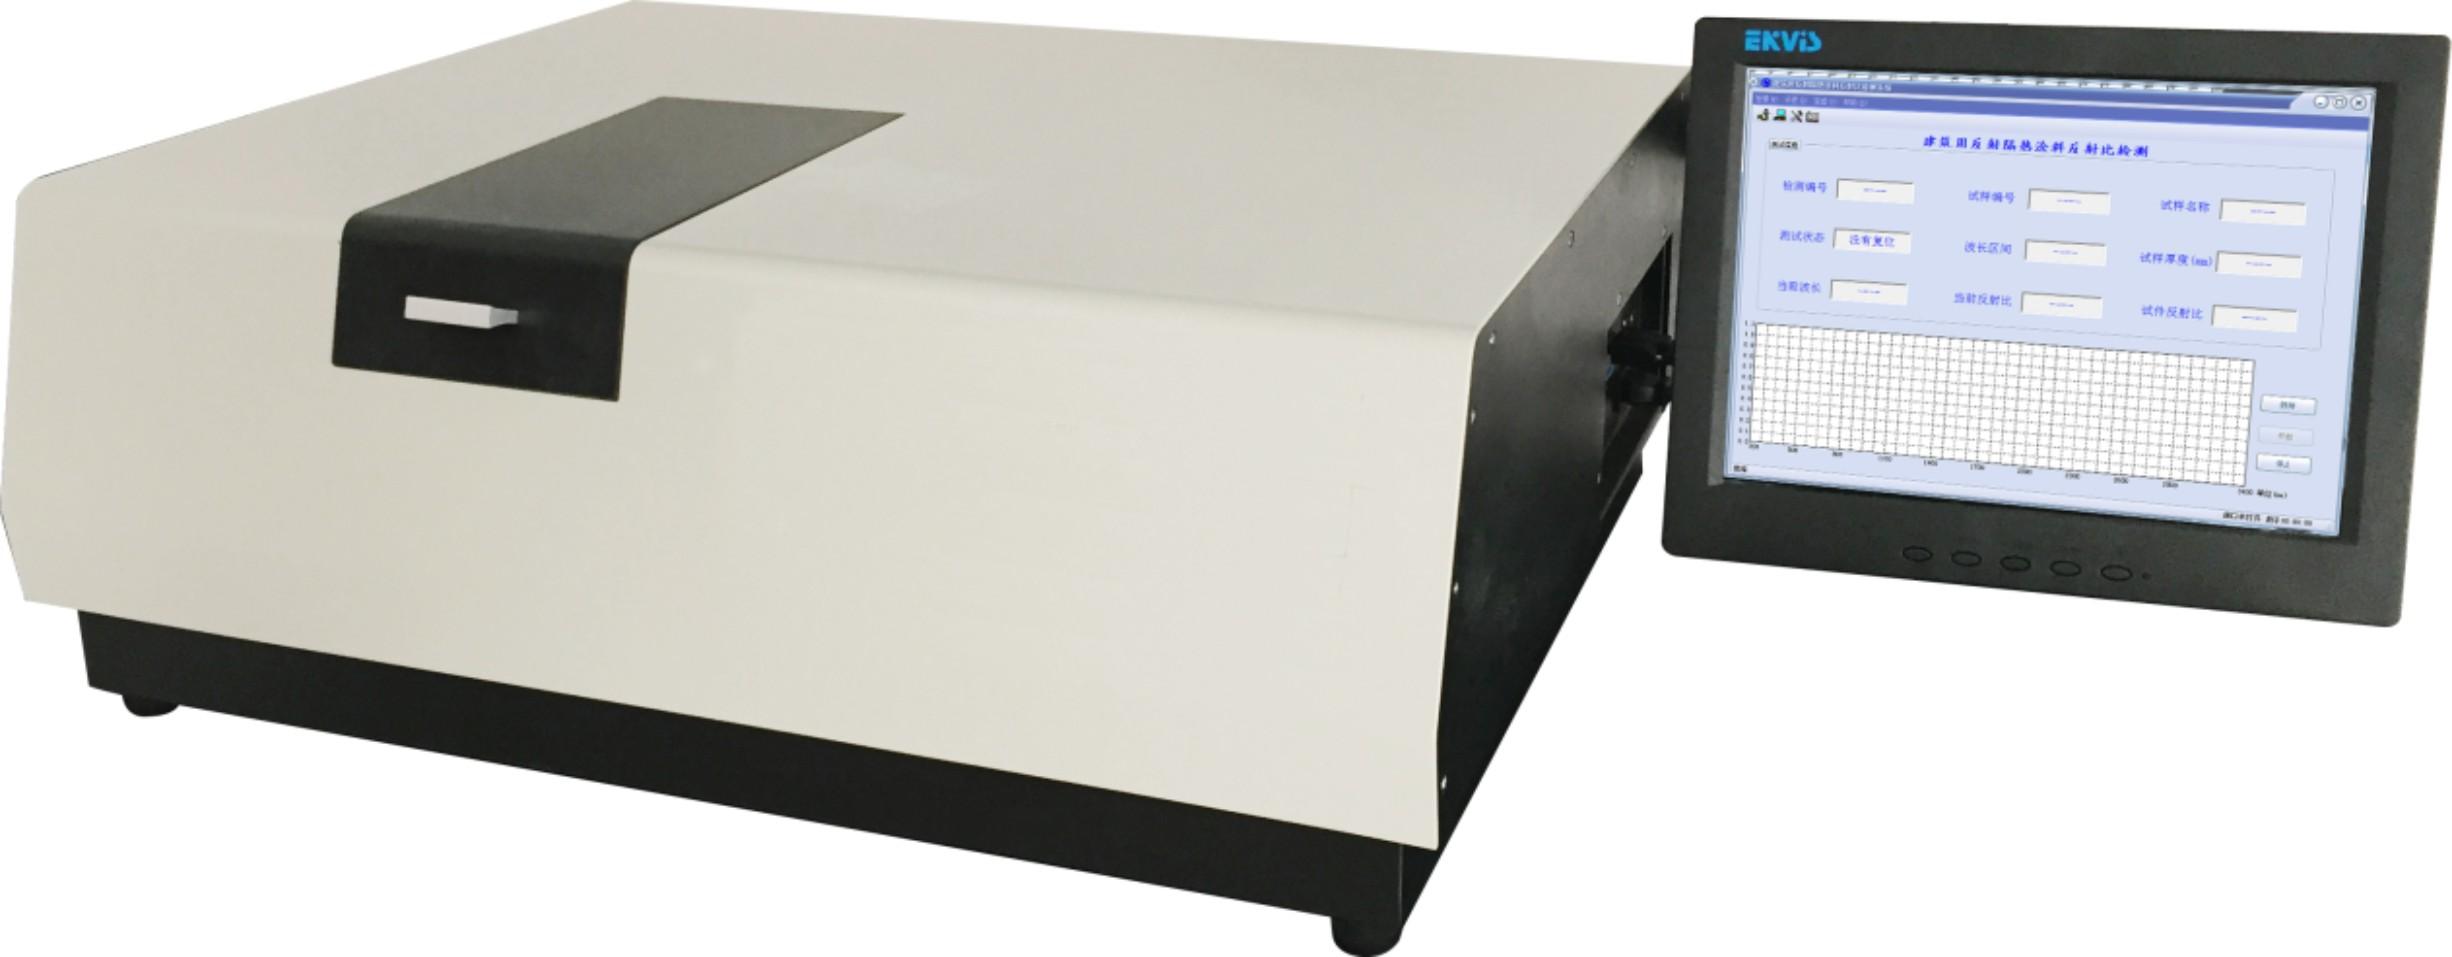 SK-TUF250A型建筑用反射隔热涂料太阳光反射比、吸收比光谱测试系统